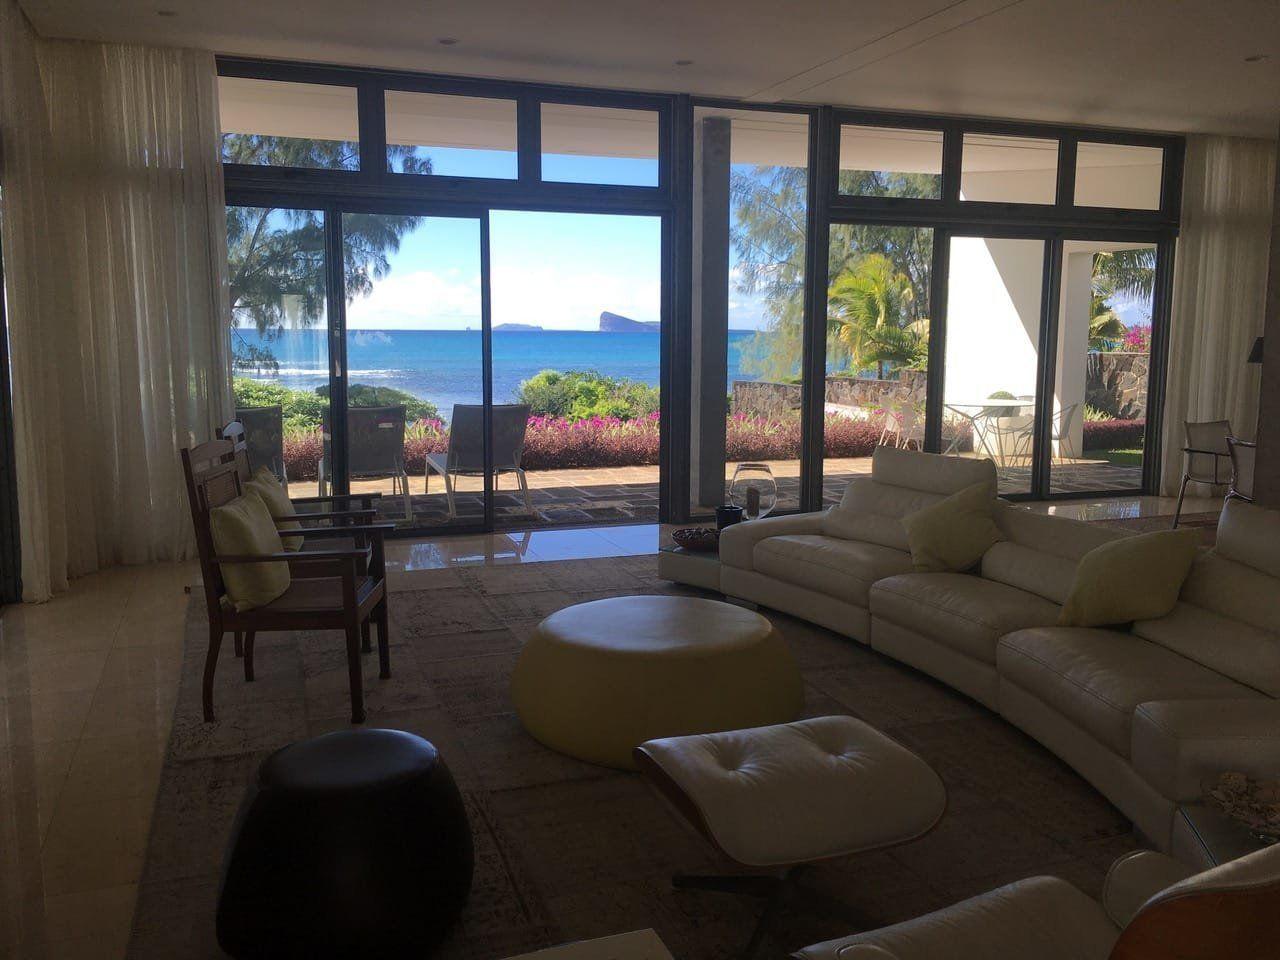 Maison à vendre 5 3657.57m2 à Ile Maurice vignette-14